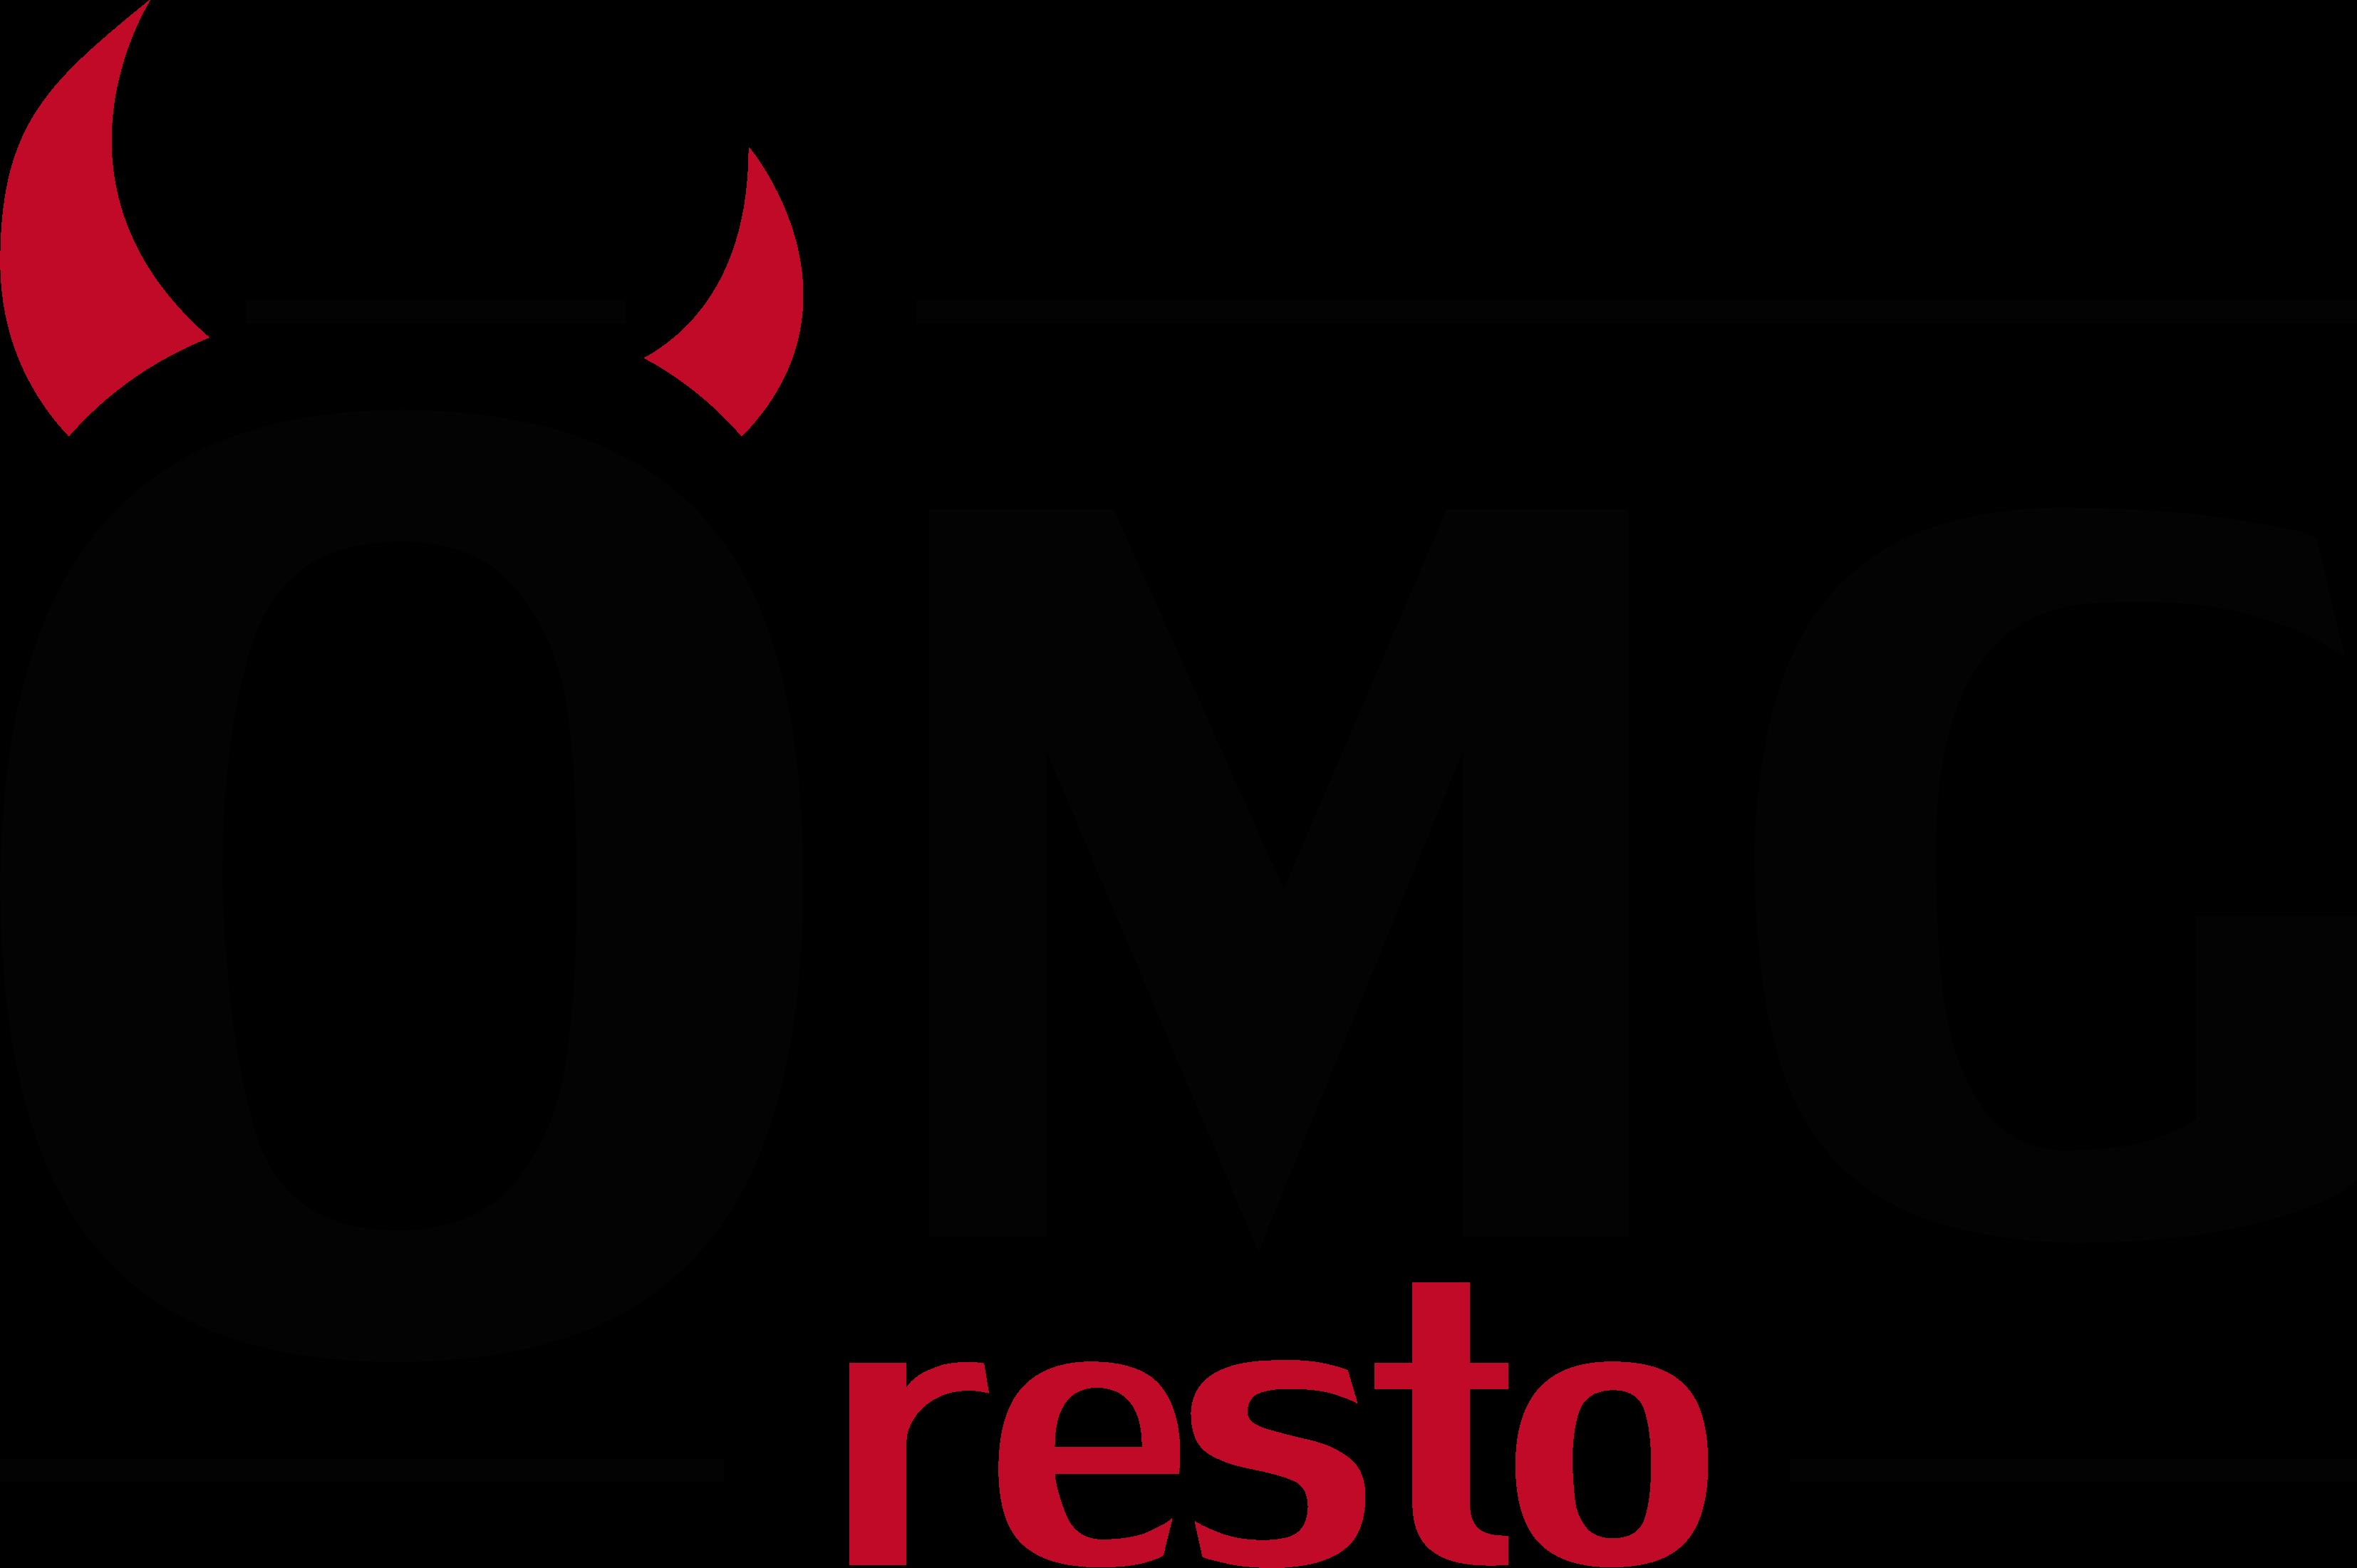 Restaurant OMG Resto - Situé au cœur même de l'ancienne église Ste-Thérèse, OMG Resto se veut le temple des épicuriens de la bouffe à Sherbrooke - Membre du groupe PAL+